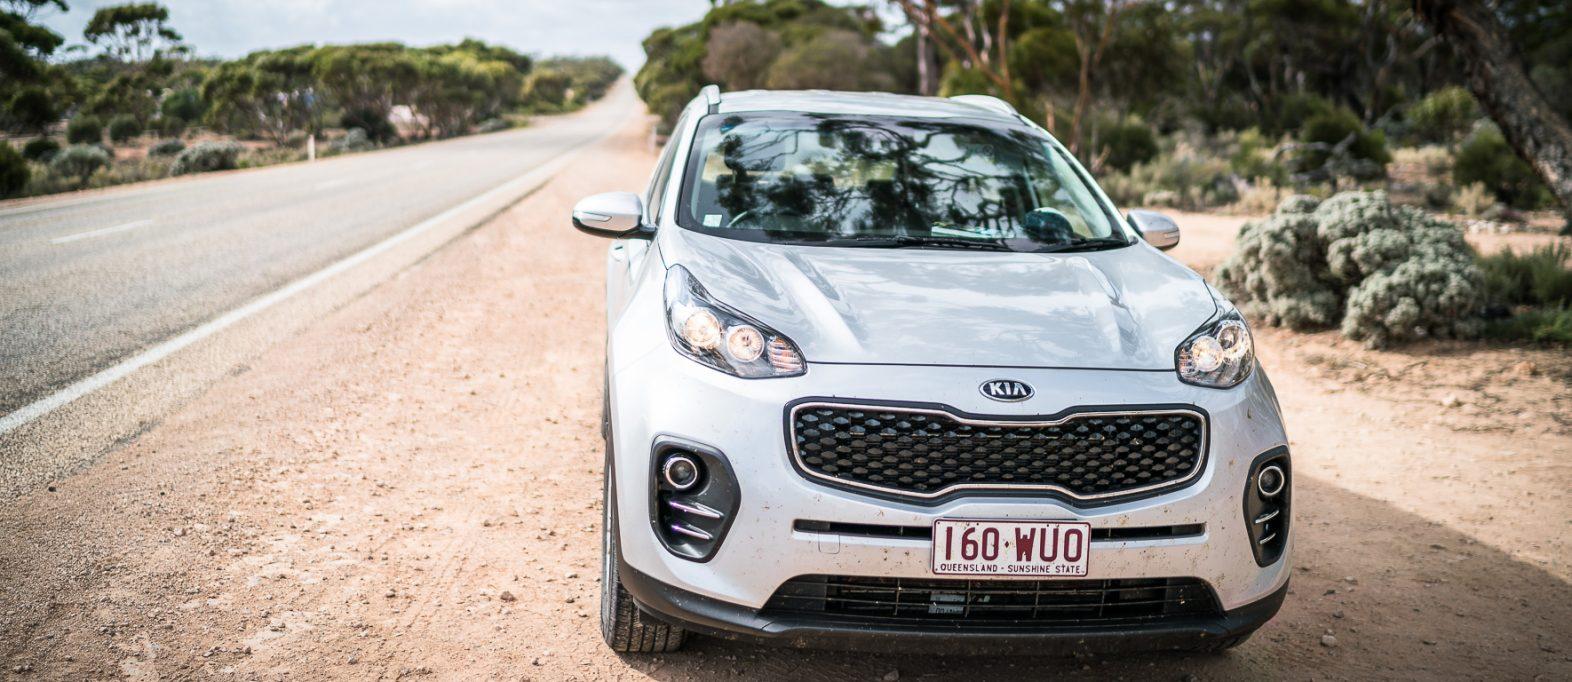 Tipps Zum Autofahren In Australien Erfahrungen Mietwagen Camper